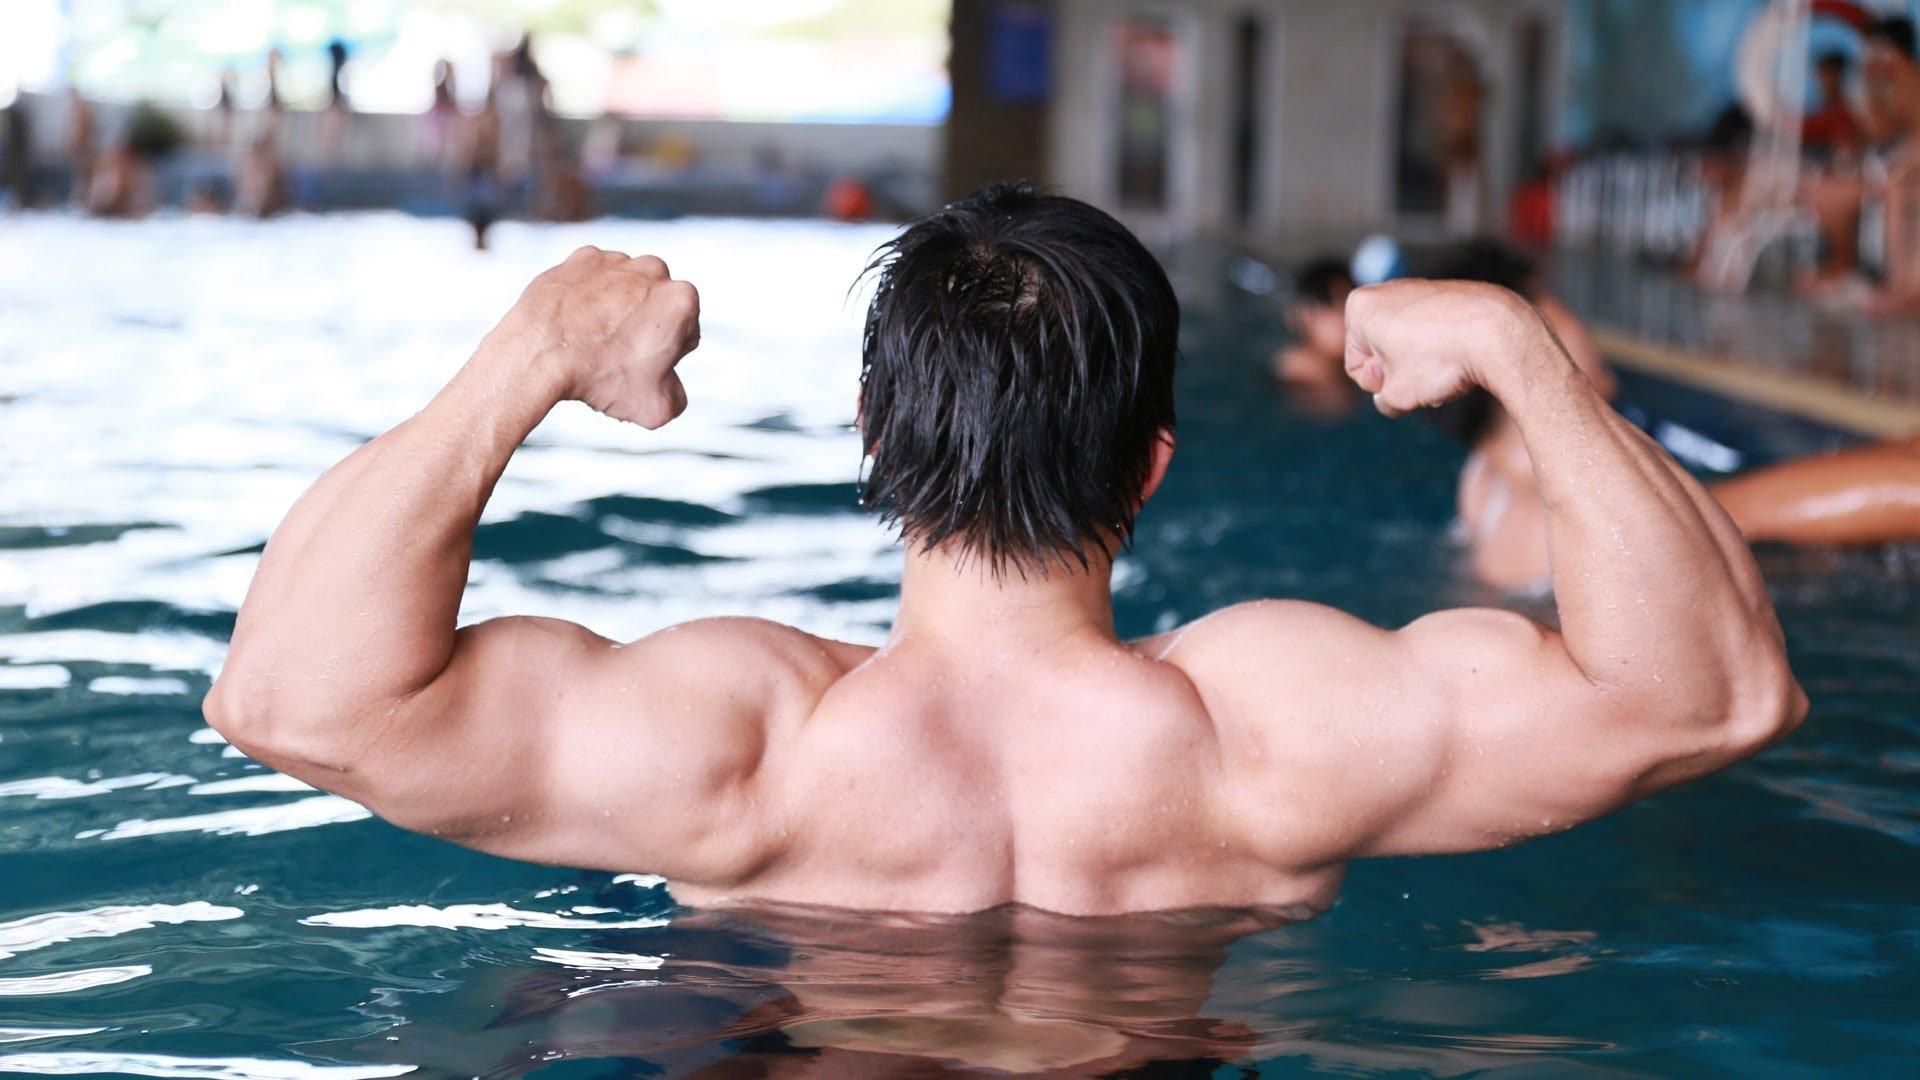 Tập cơ lưng thế nào để dày và săn chắc hơn?